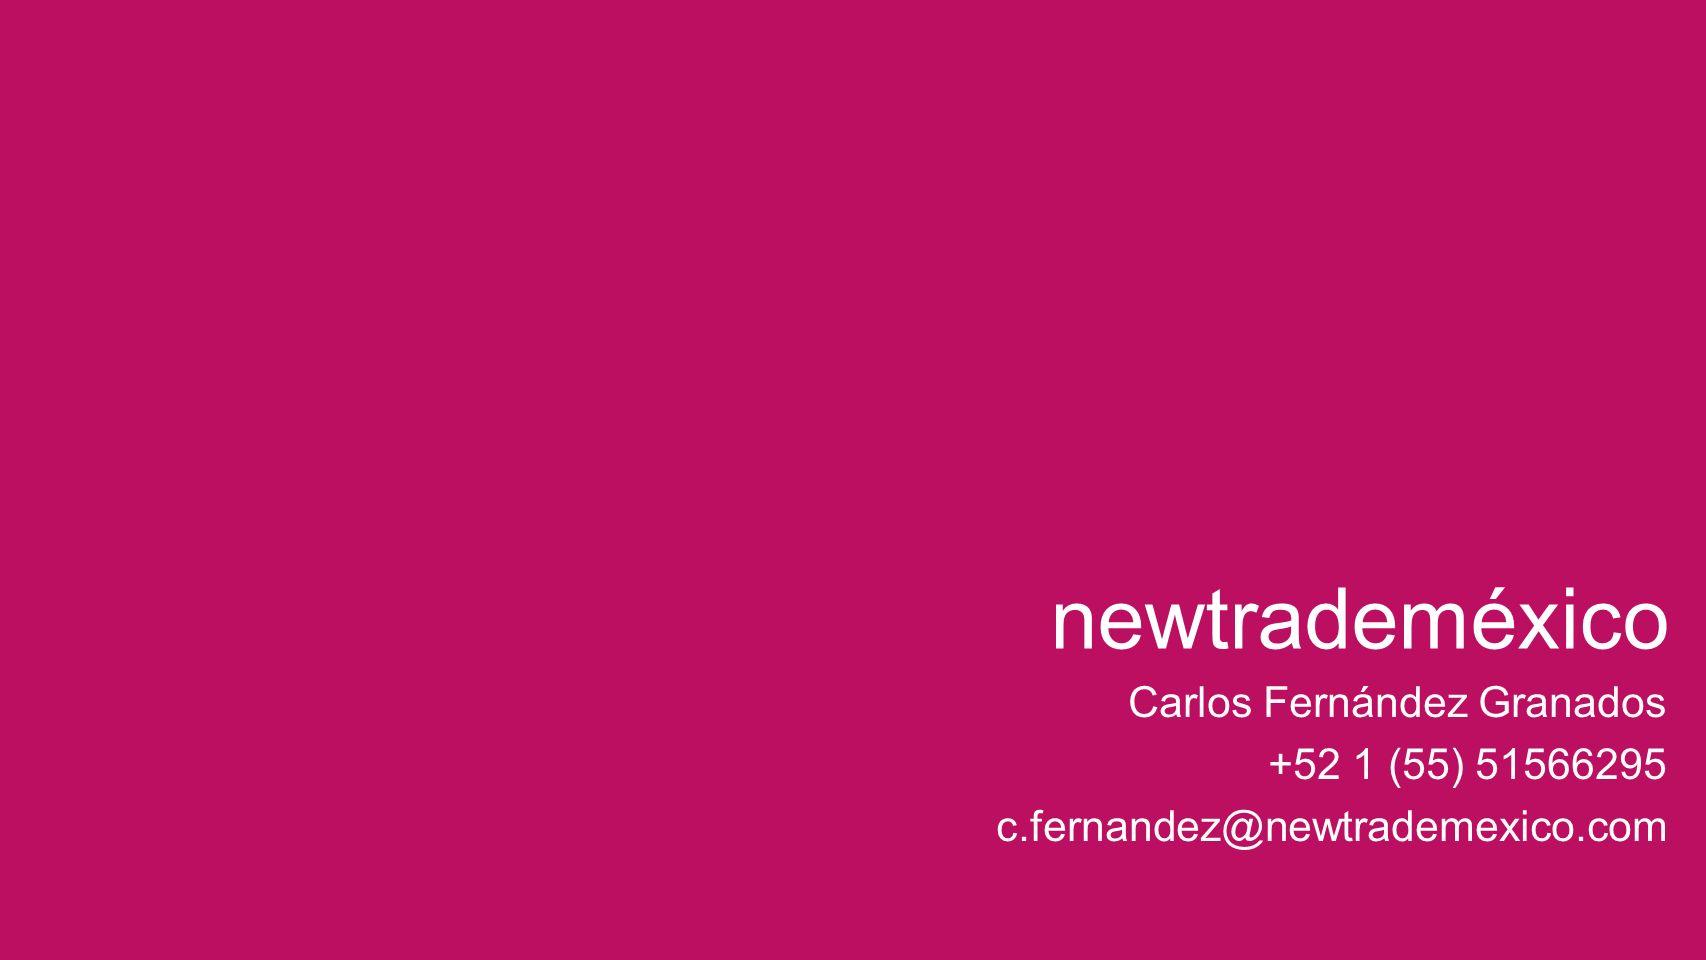 newtrademéxico Carlos Fernández Granados +52 1 (55) 51566295